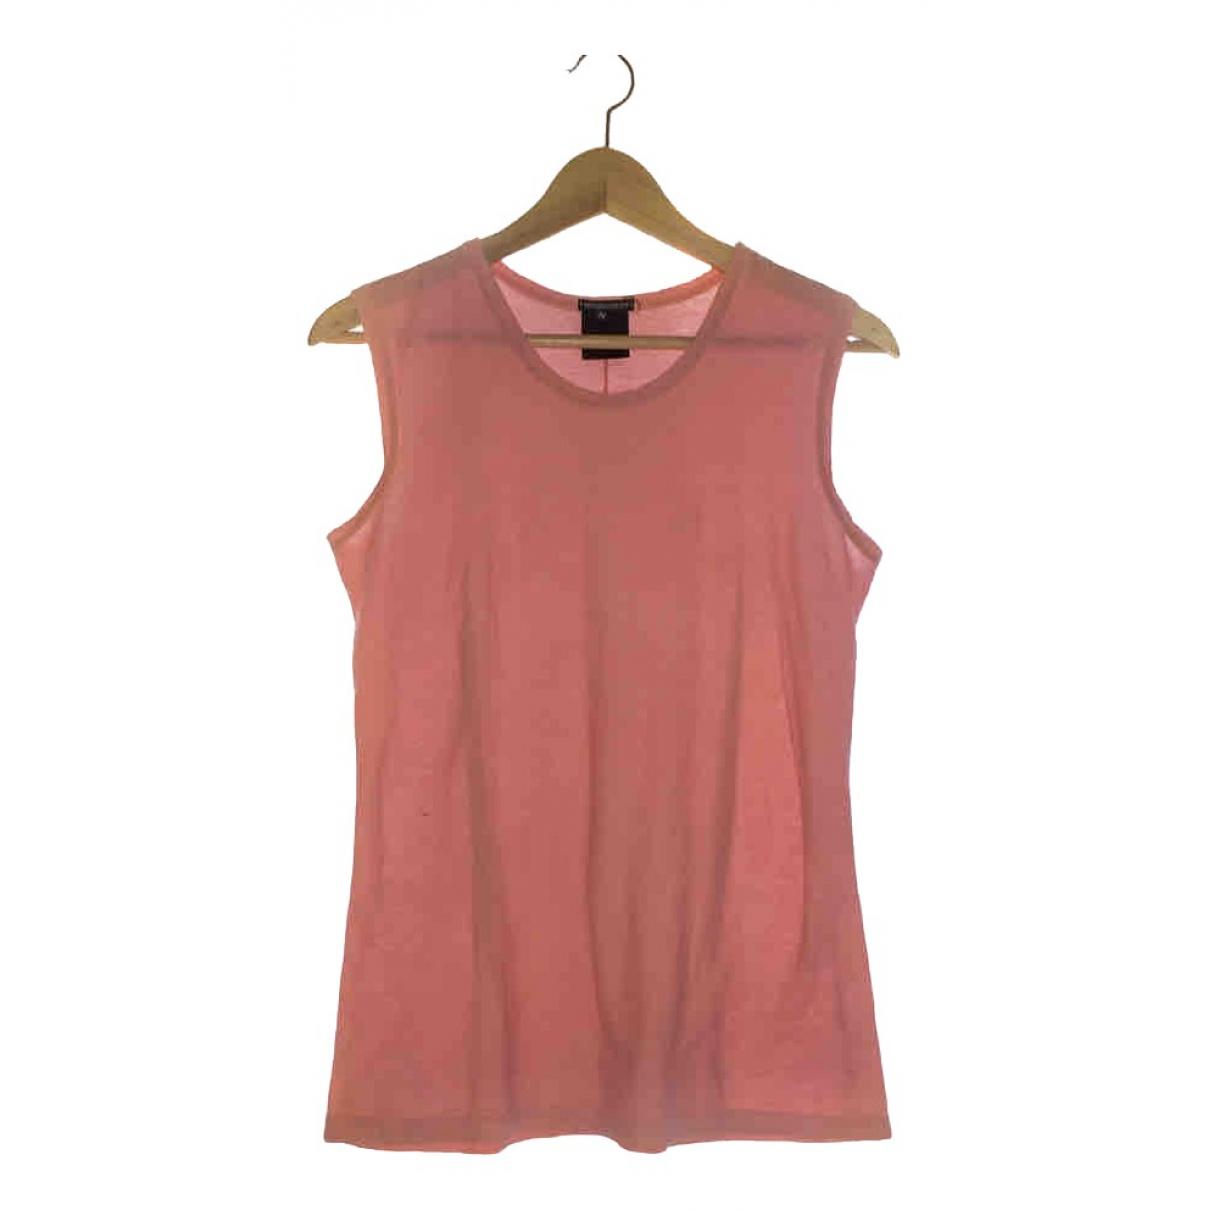 Ann Demeulemeester - Top   pour femme en coton - rose